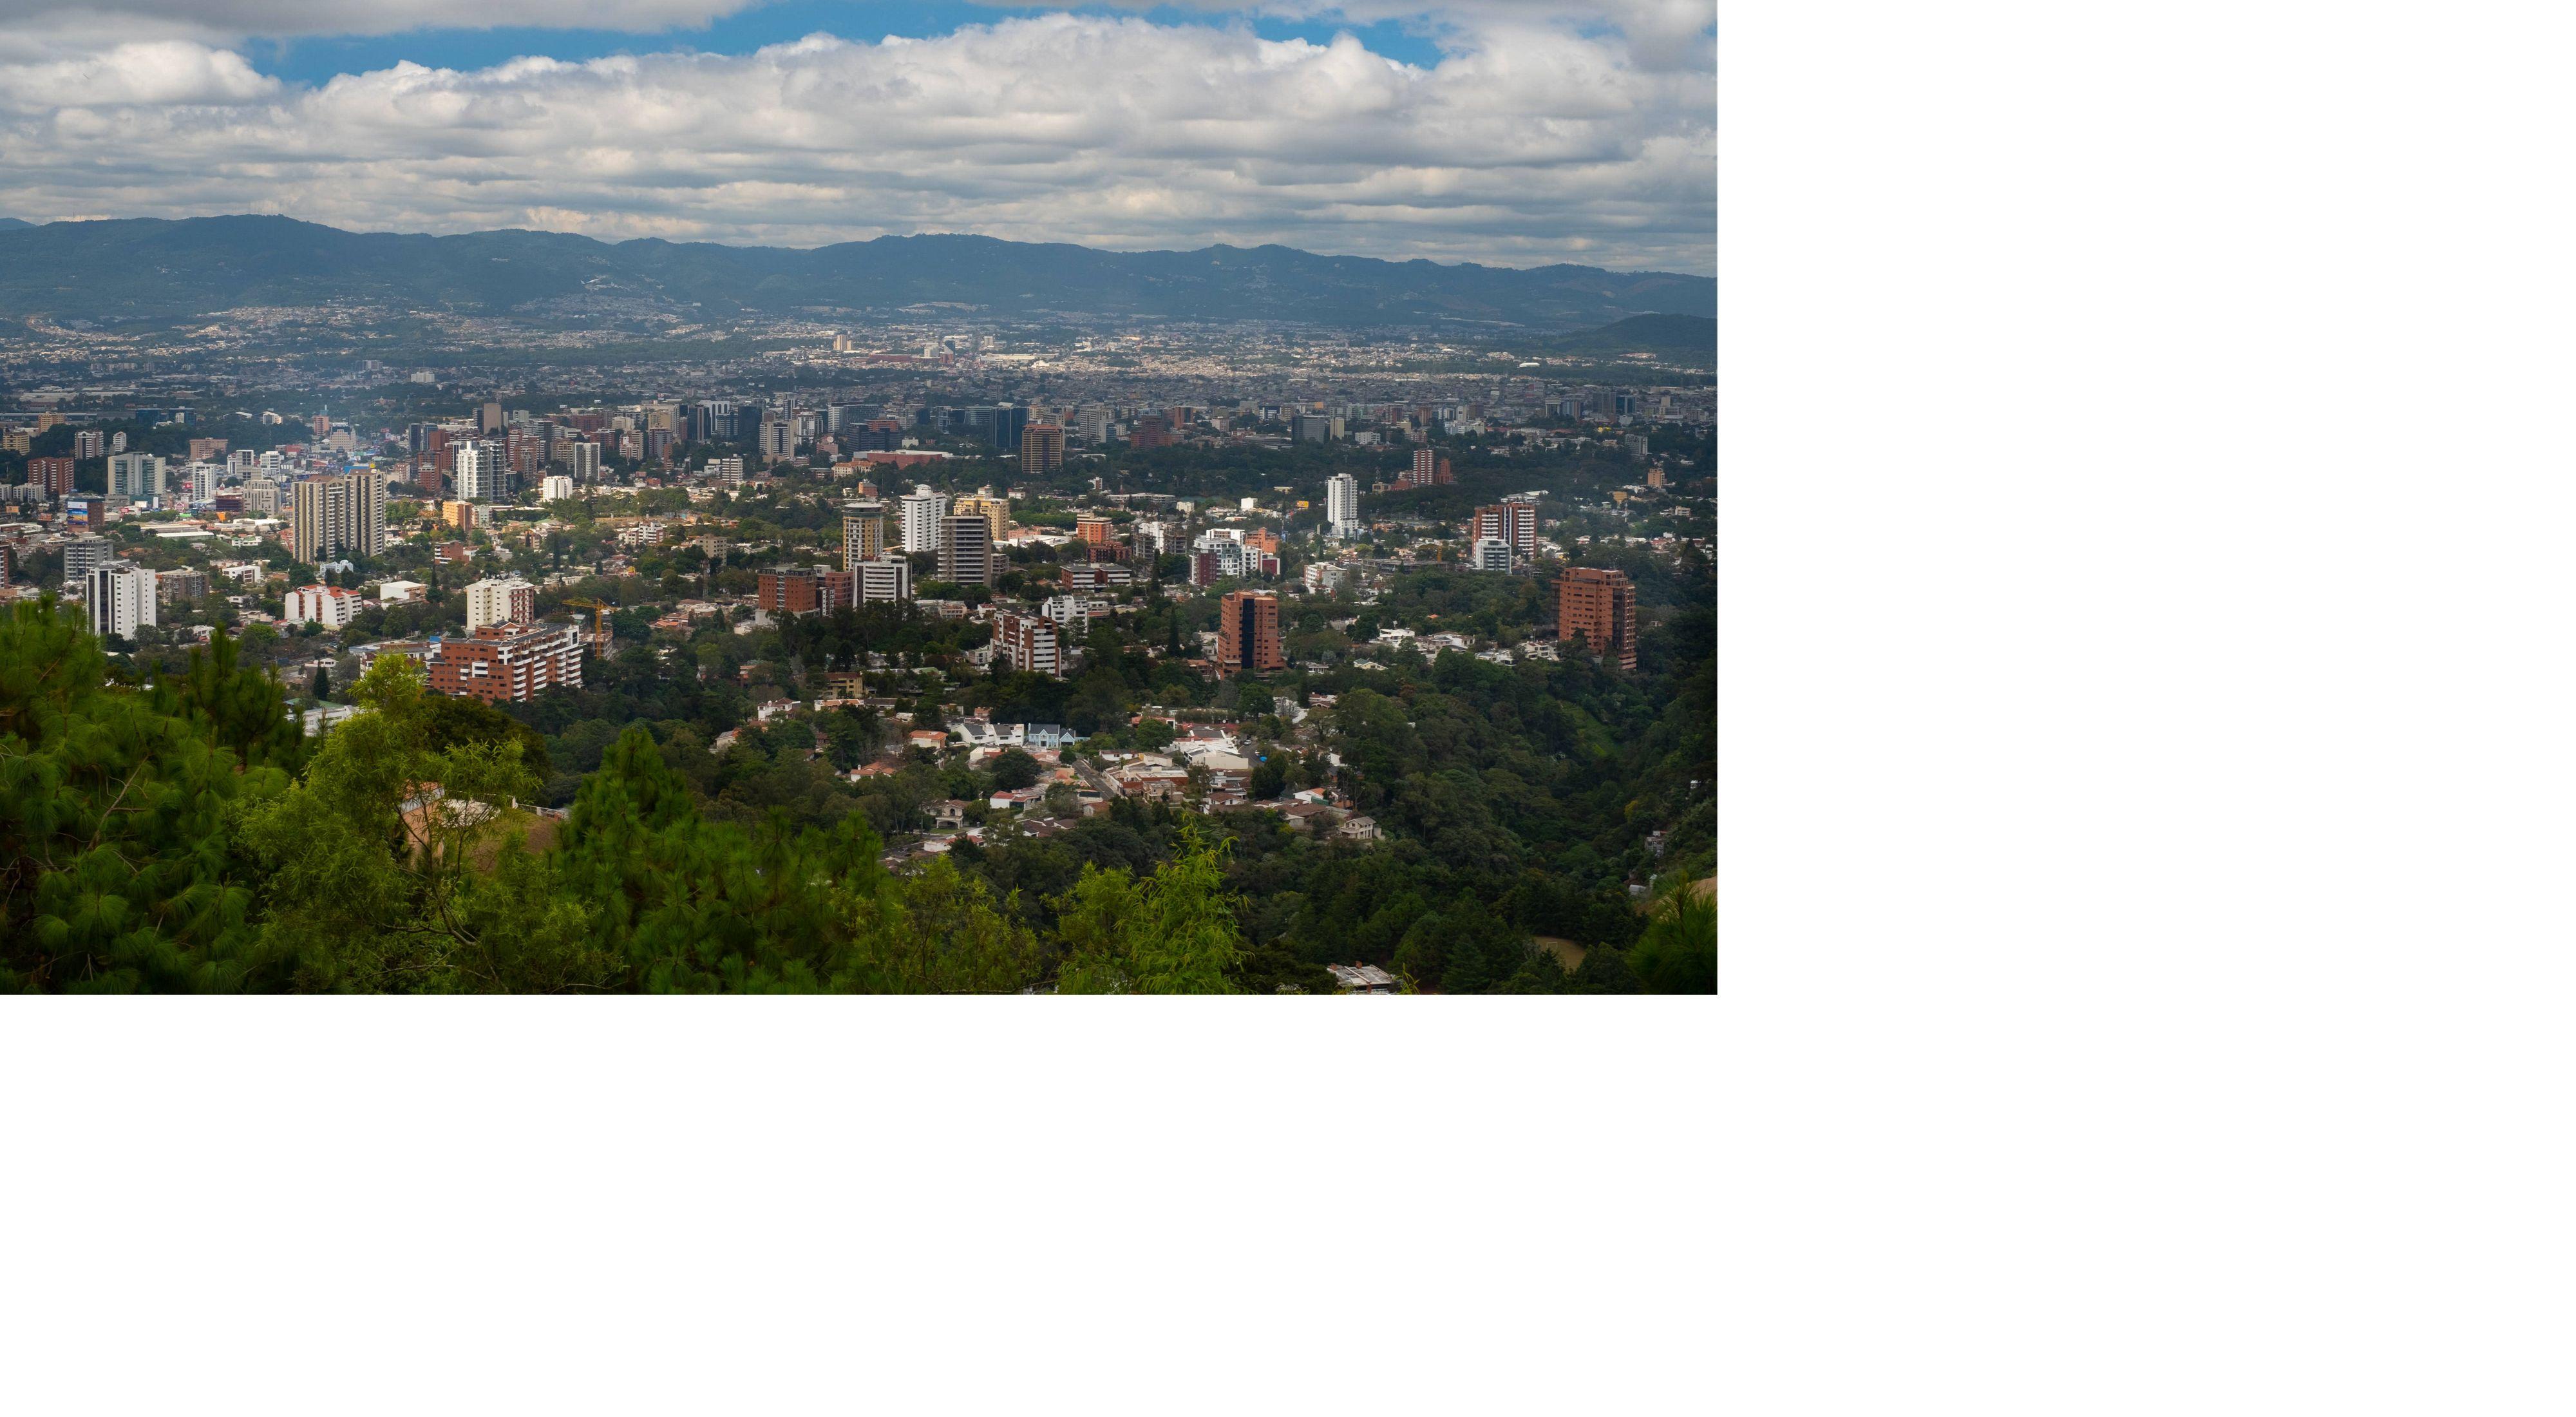 El Fondo de Agua de la Ciudad de Guatemala